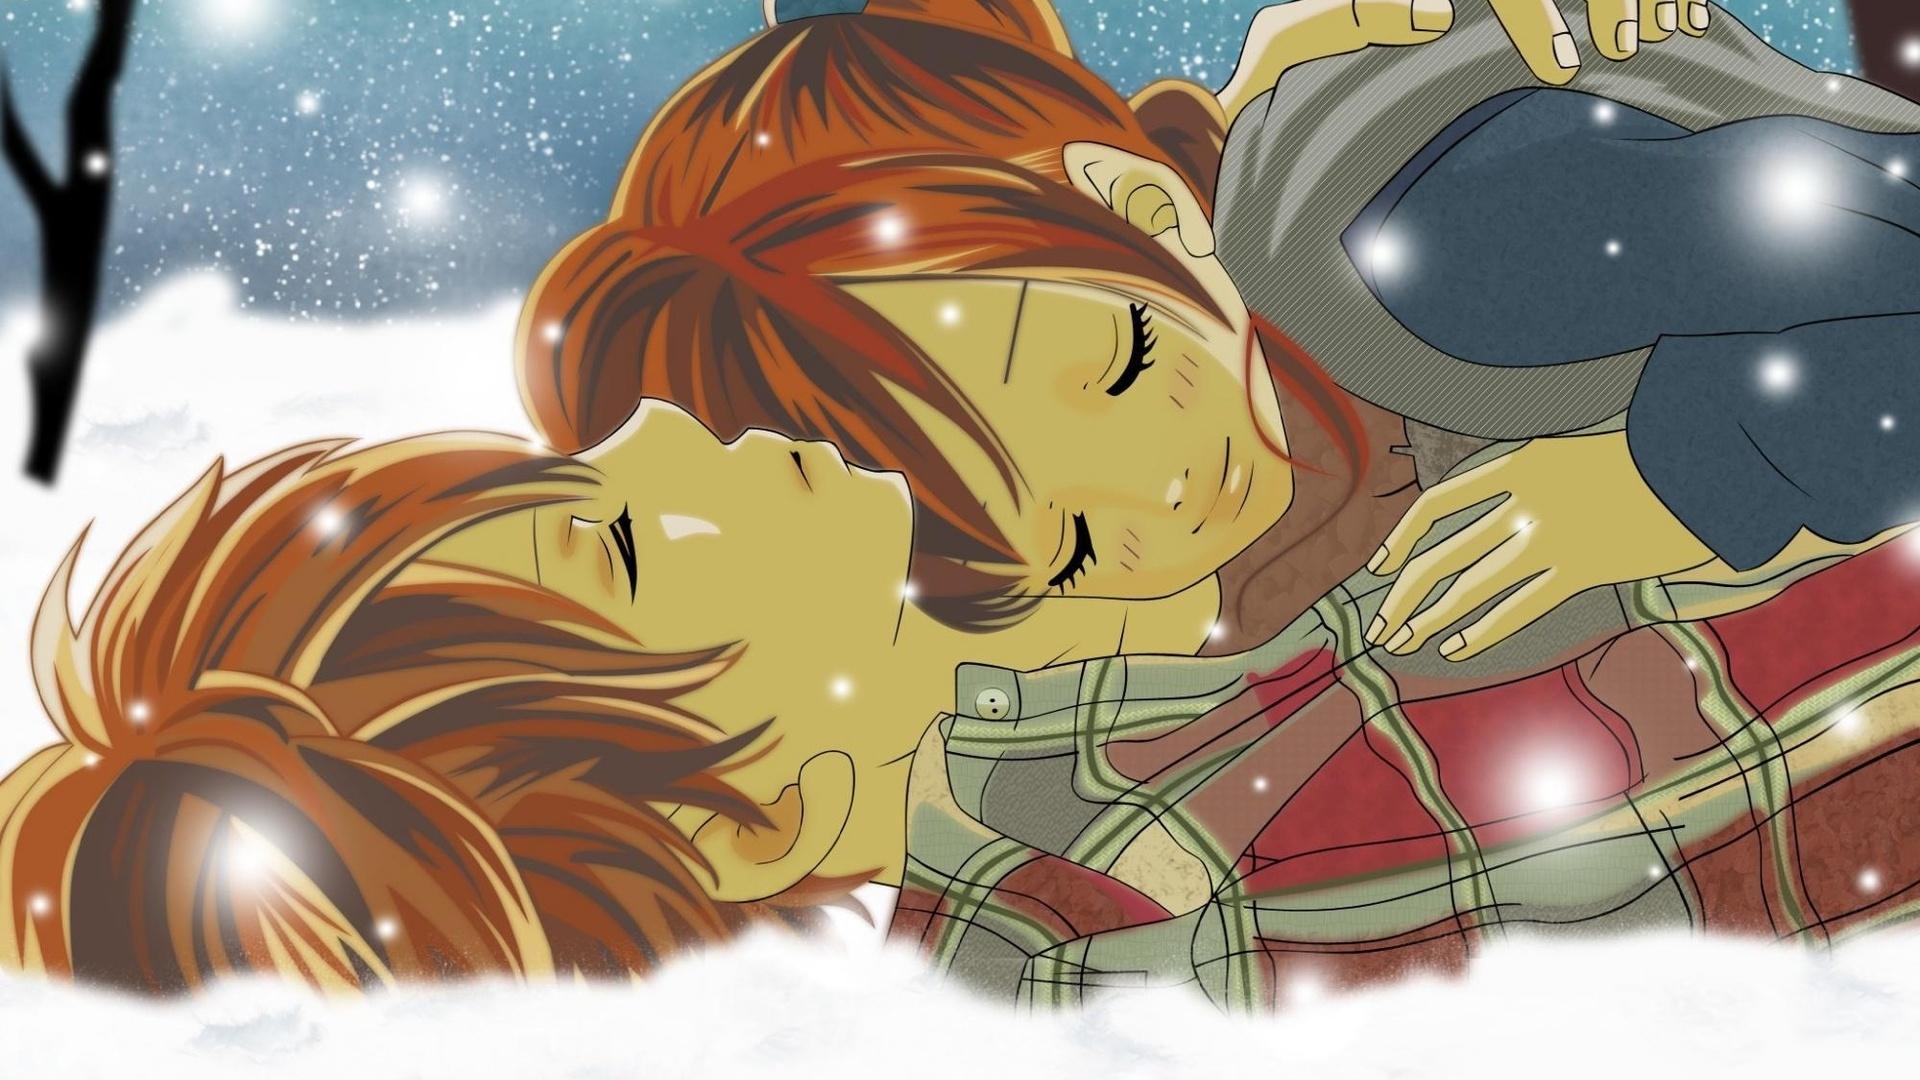 Ragazzo Ragazza Abbraccio La Neve Tenerezza